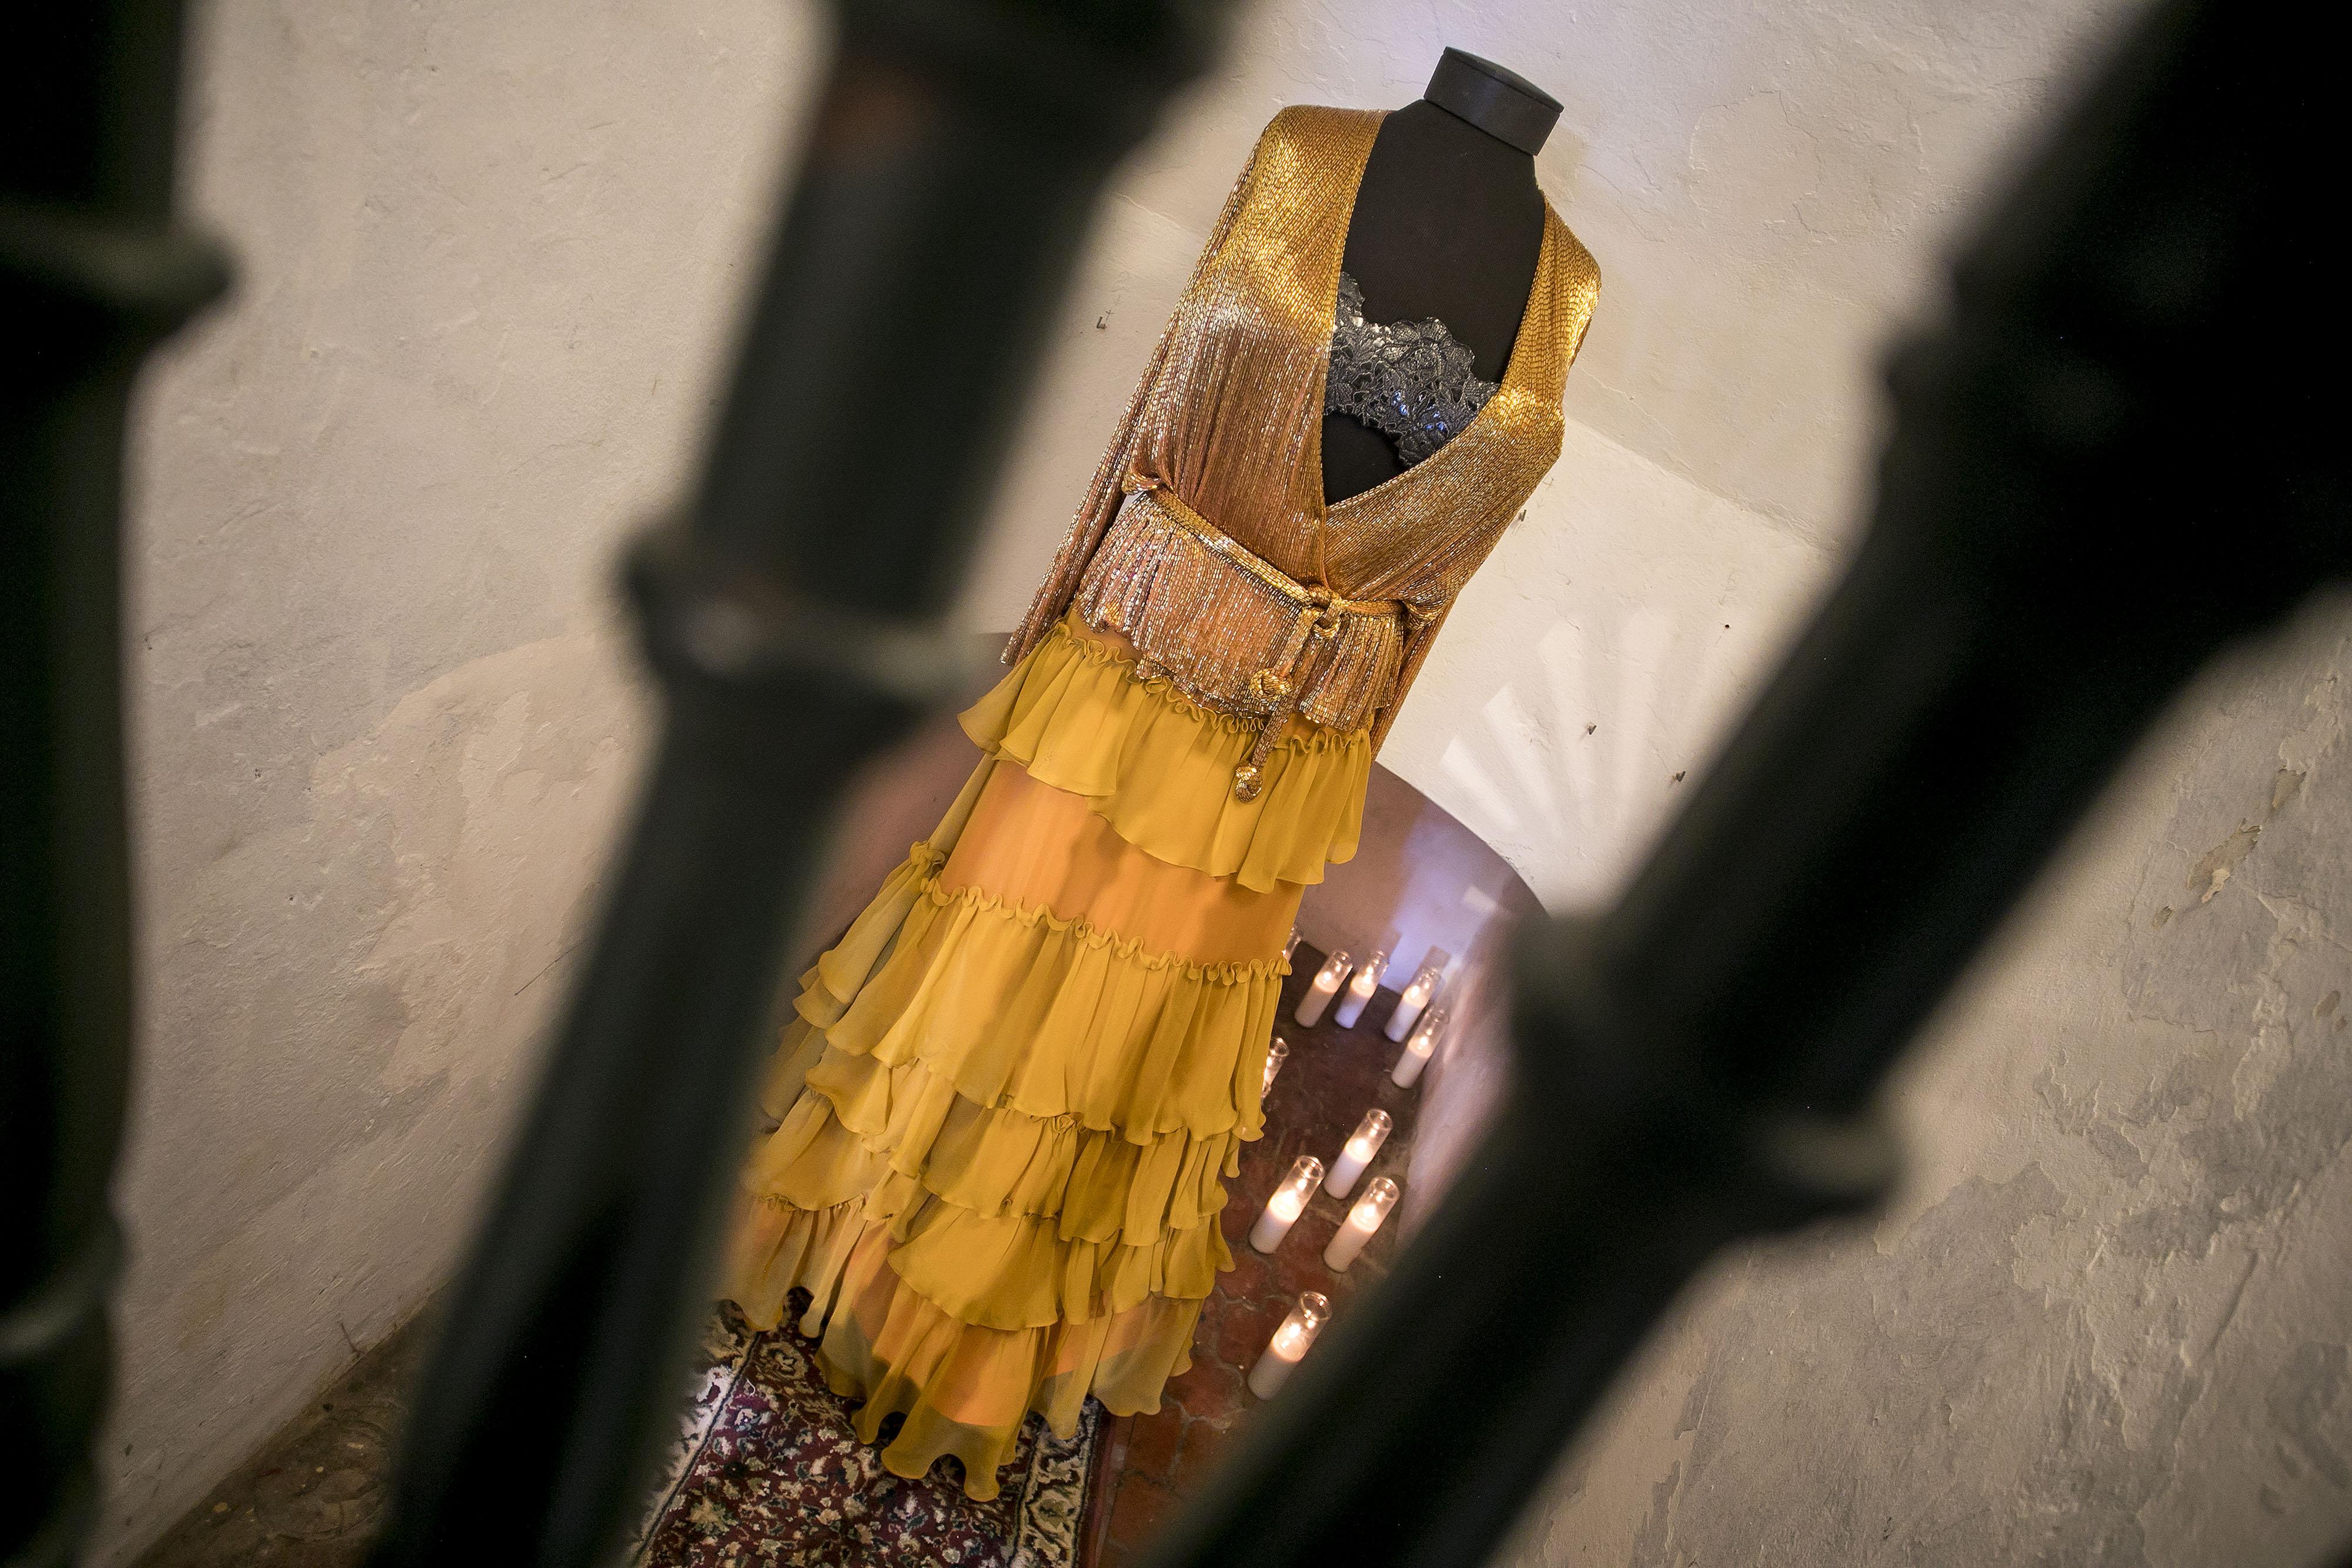 """En un nicho al lado de la escalera al igual que en una de las habitaciones se puede apreciar la manera en la que se complementan los estilos de madre e hija, pues en un mismo maniquí se unen prendas de vestir confeccionadas por ambas, lo que Cappalli describió como una """"conversación entre artistas"""". (Foto: Xavier García)"""